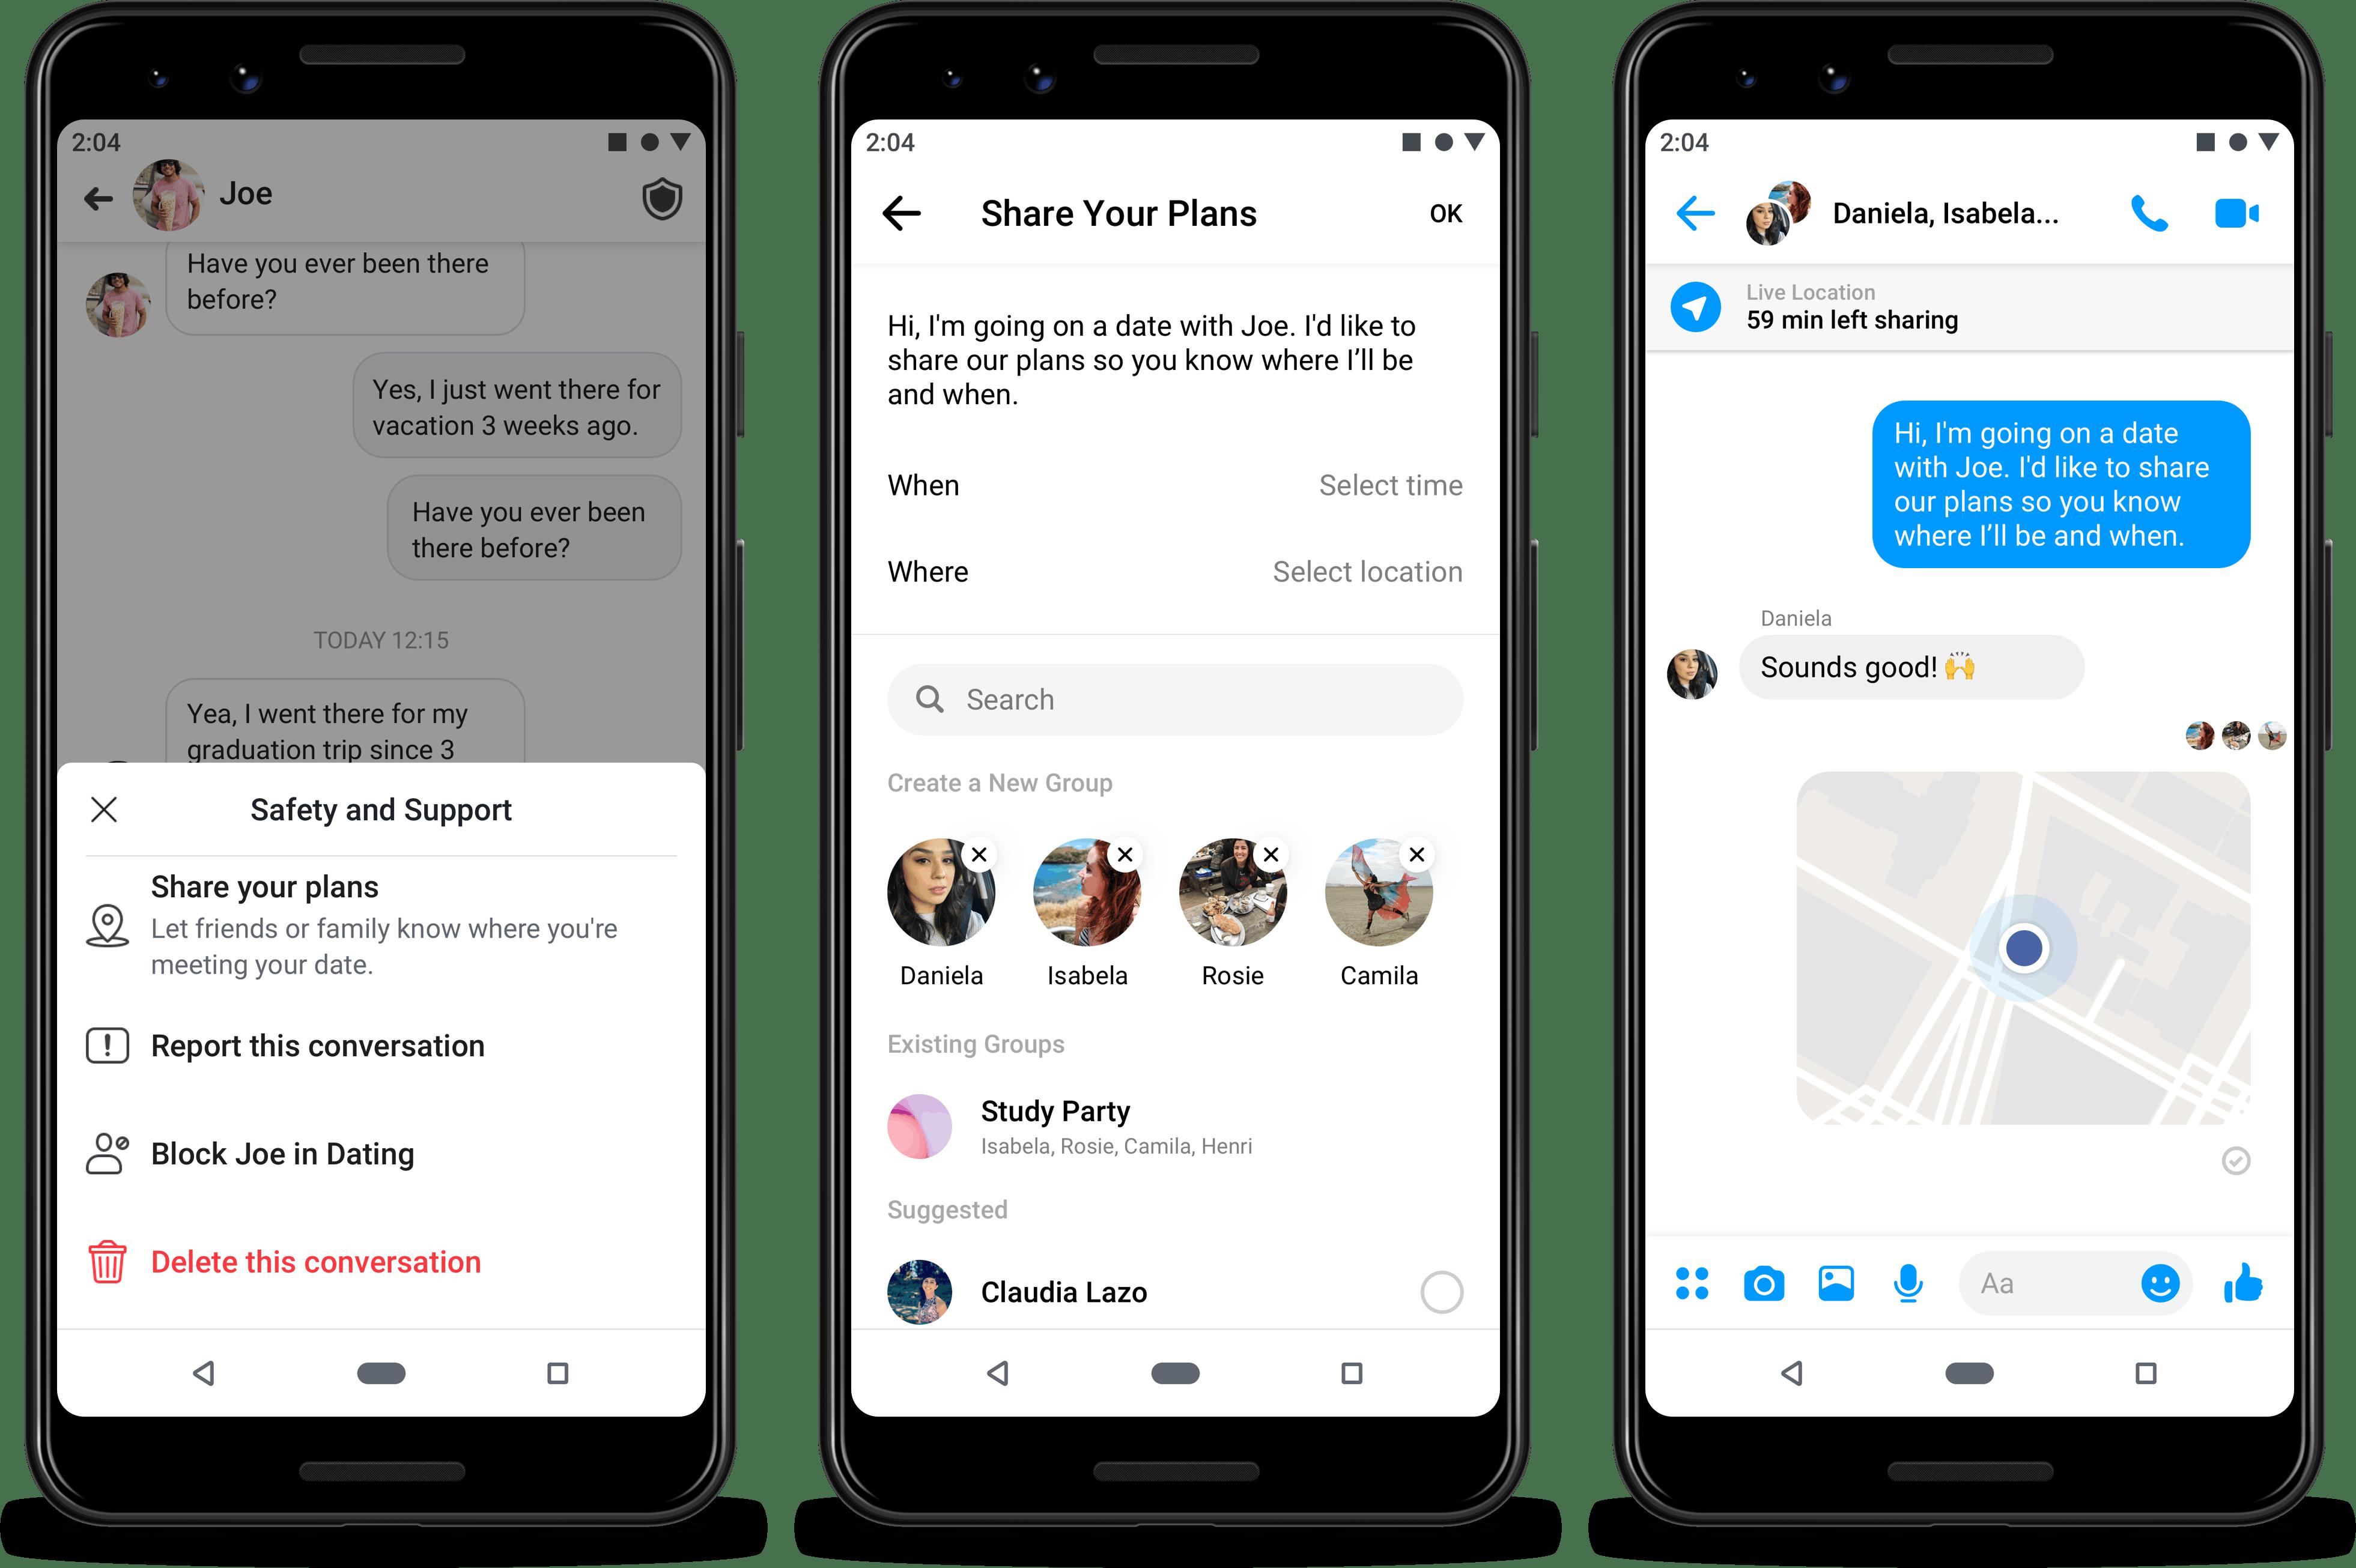 chatta upp linjer dejtingsajter